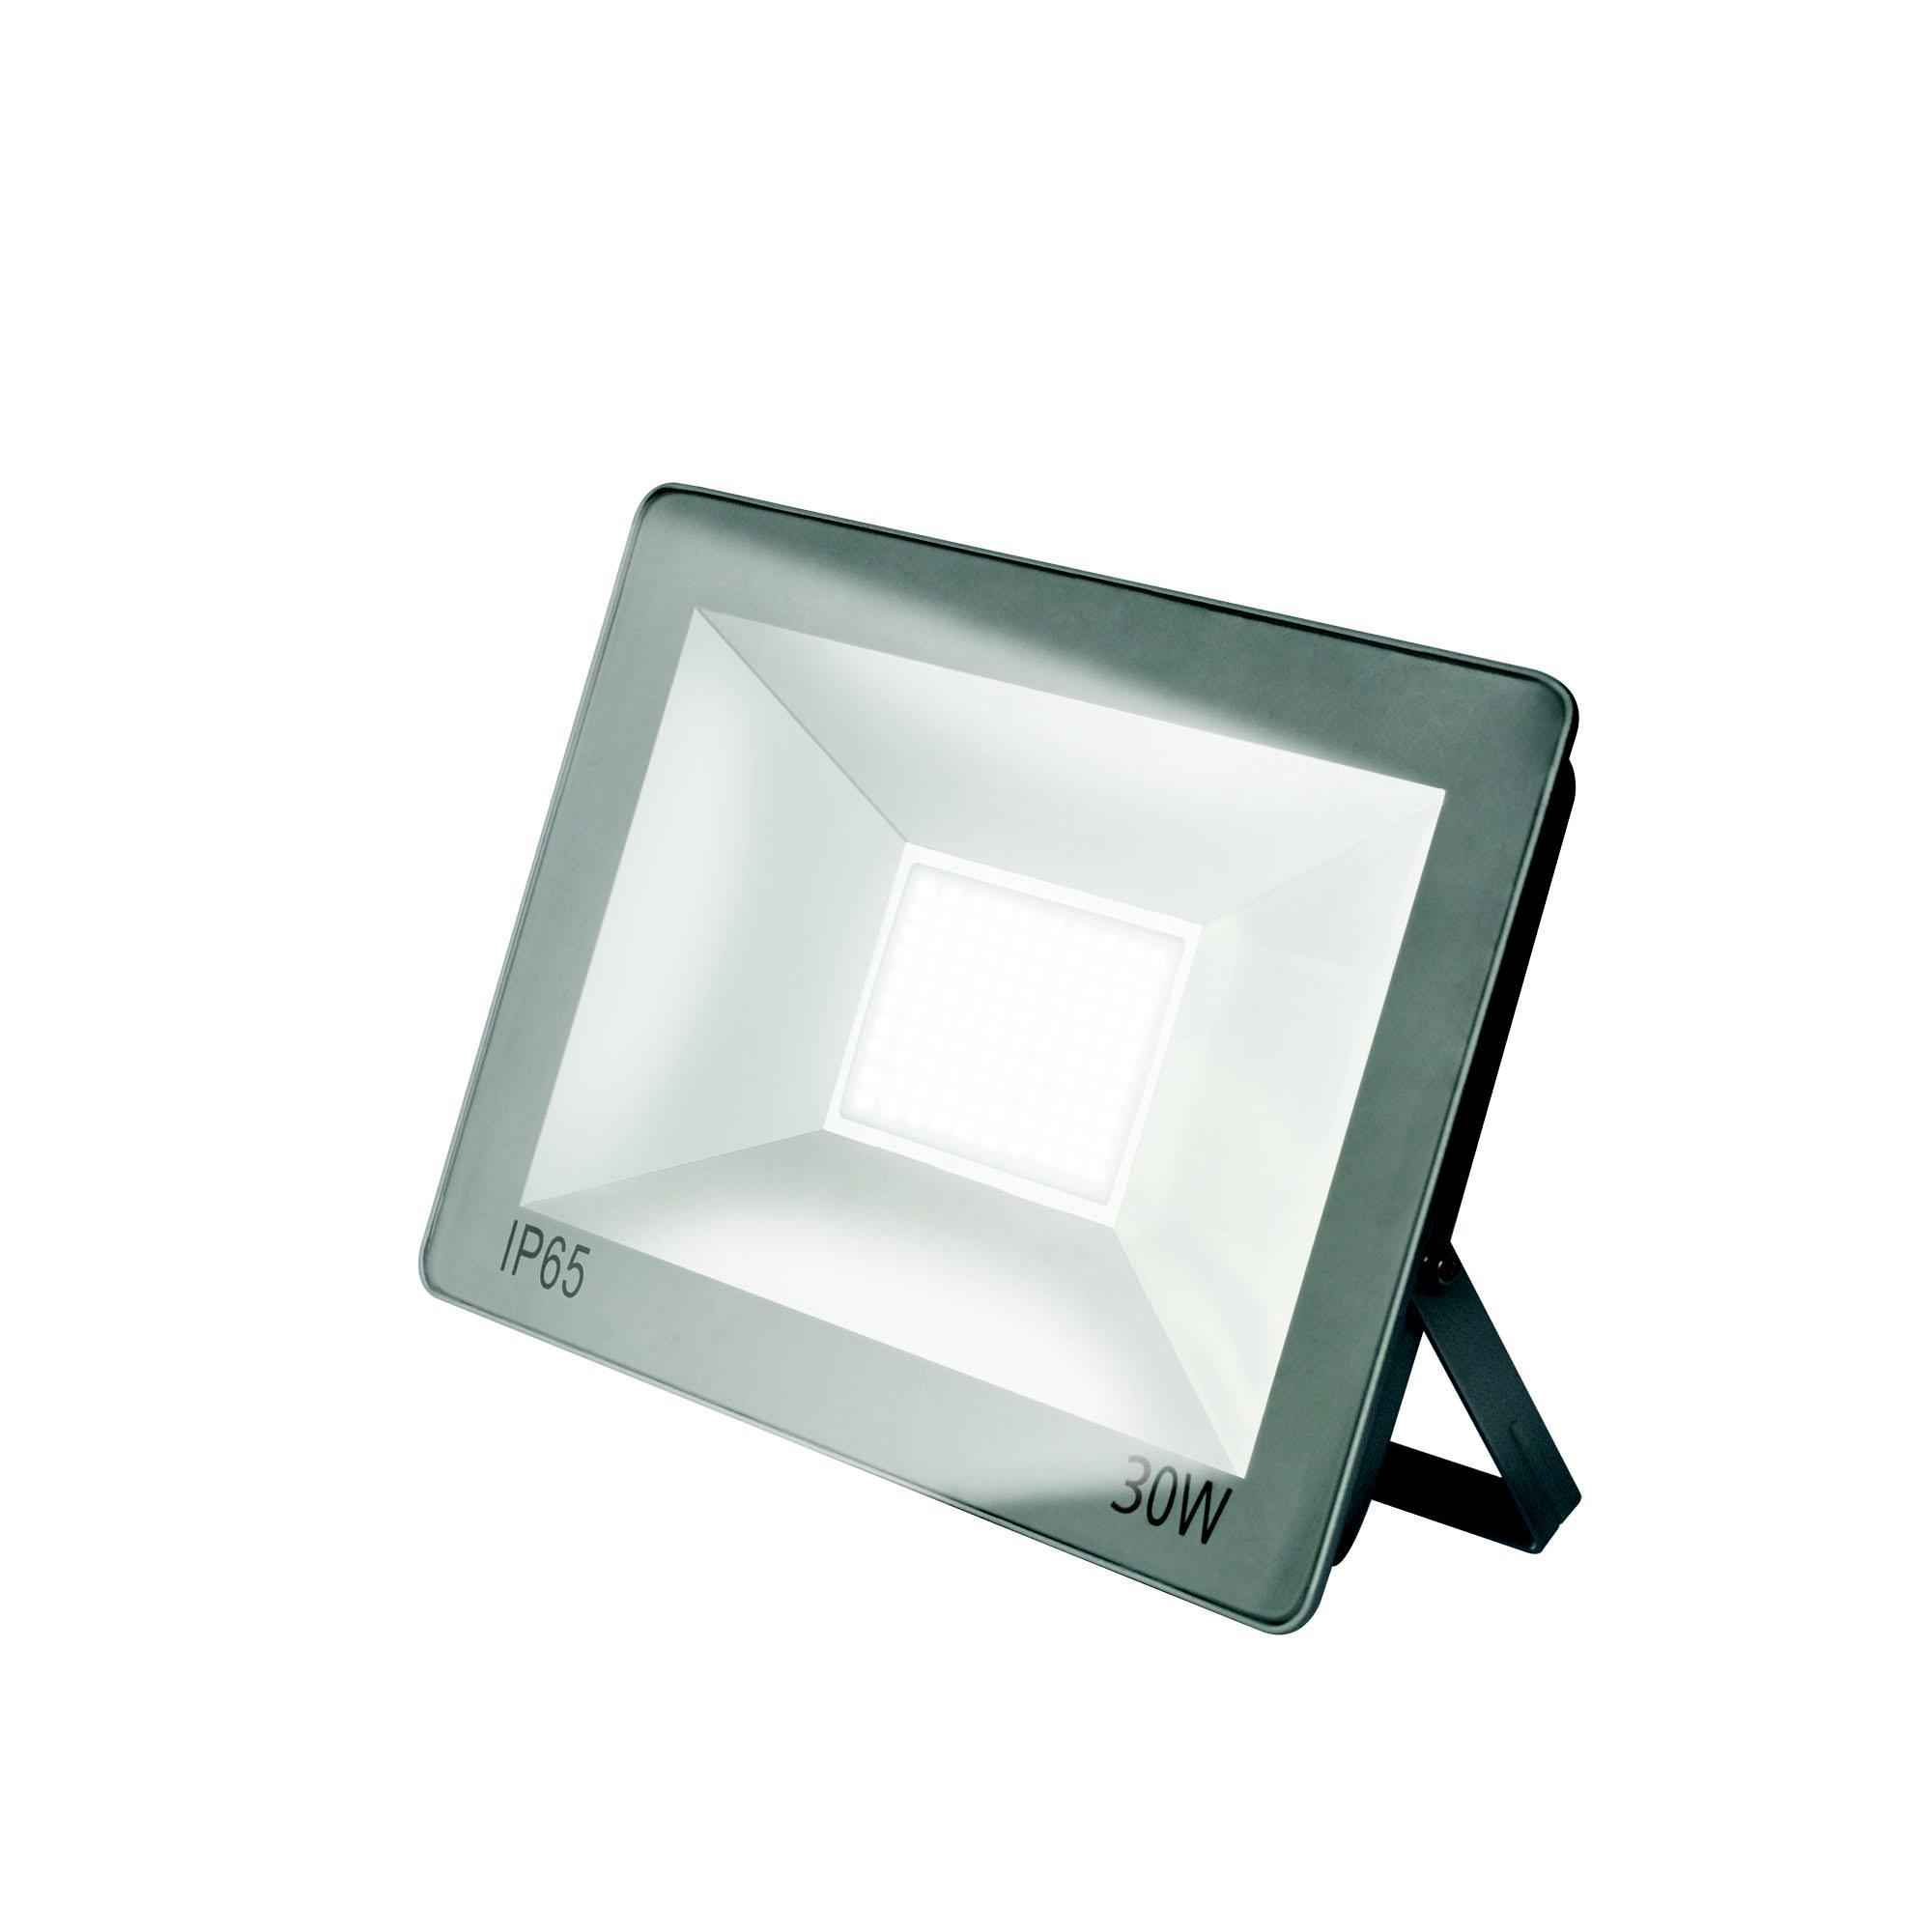 Прожектор светодиодный Uniel Ulf-f15-30w/nw